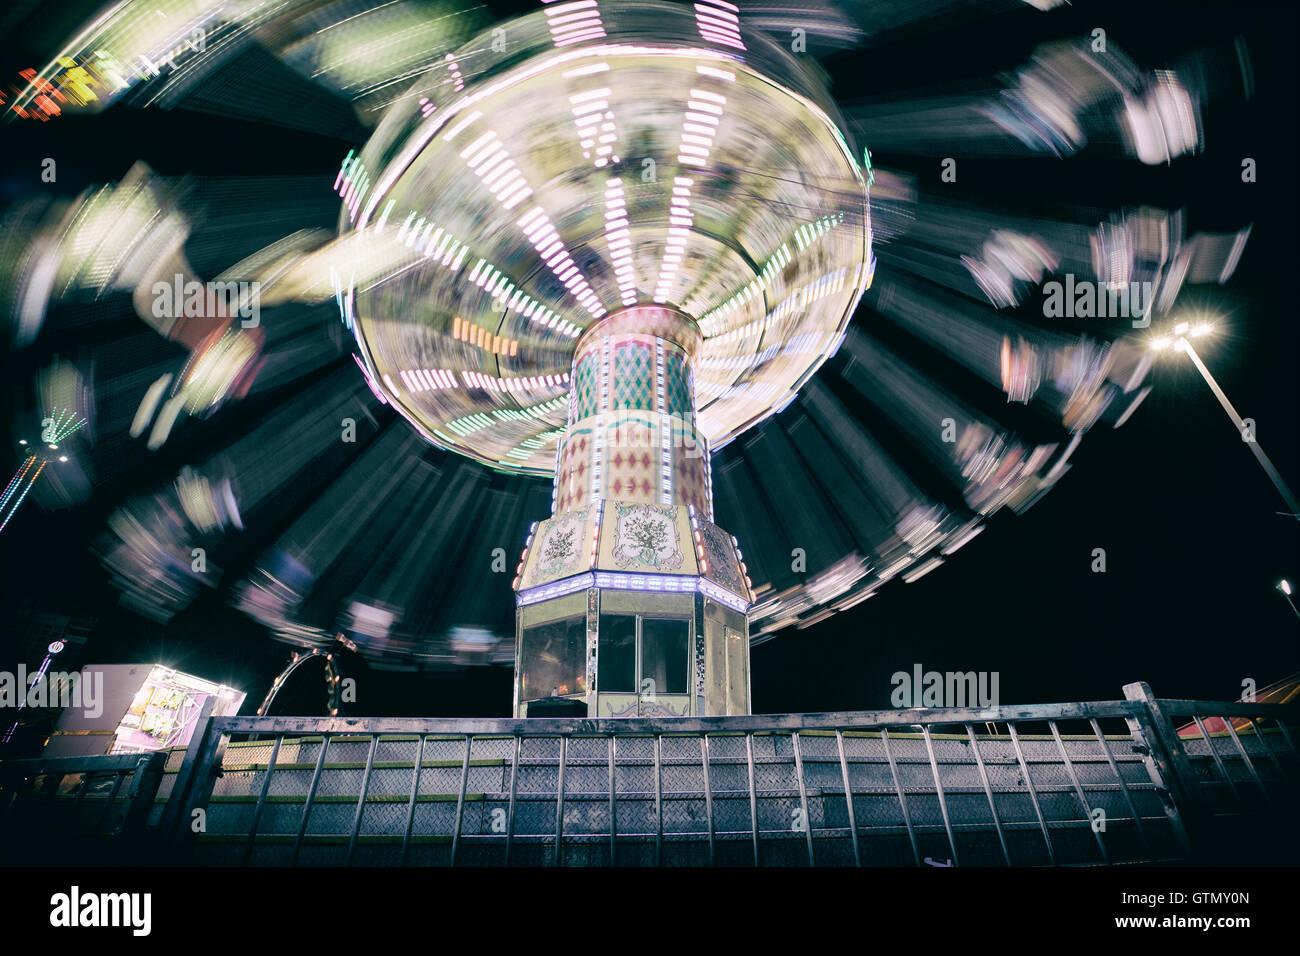 Swing ride au carnaval juste avec effet de mouvement flou Photo Stock